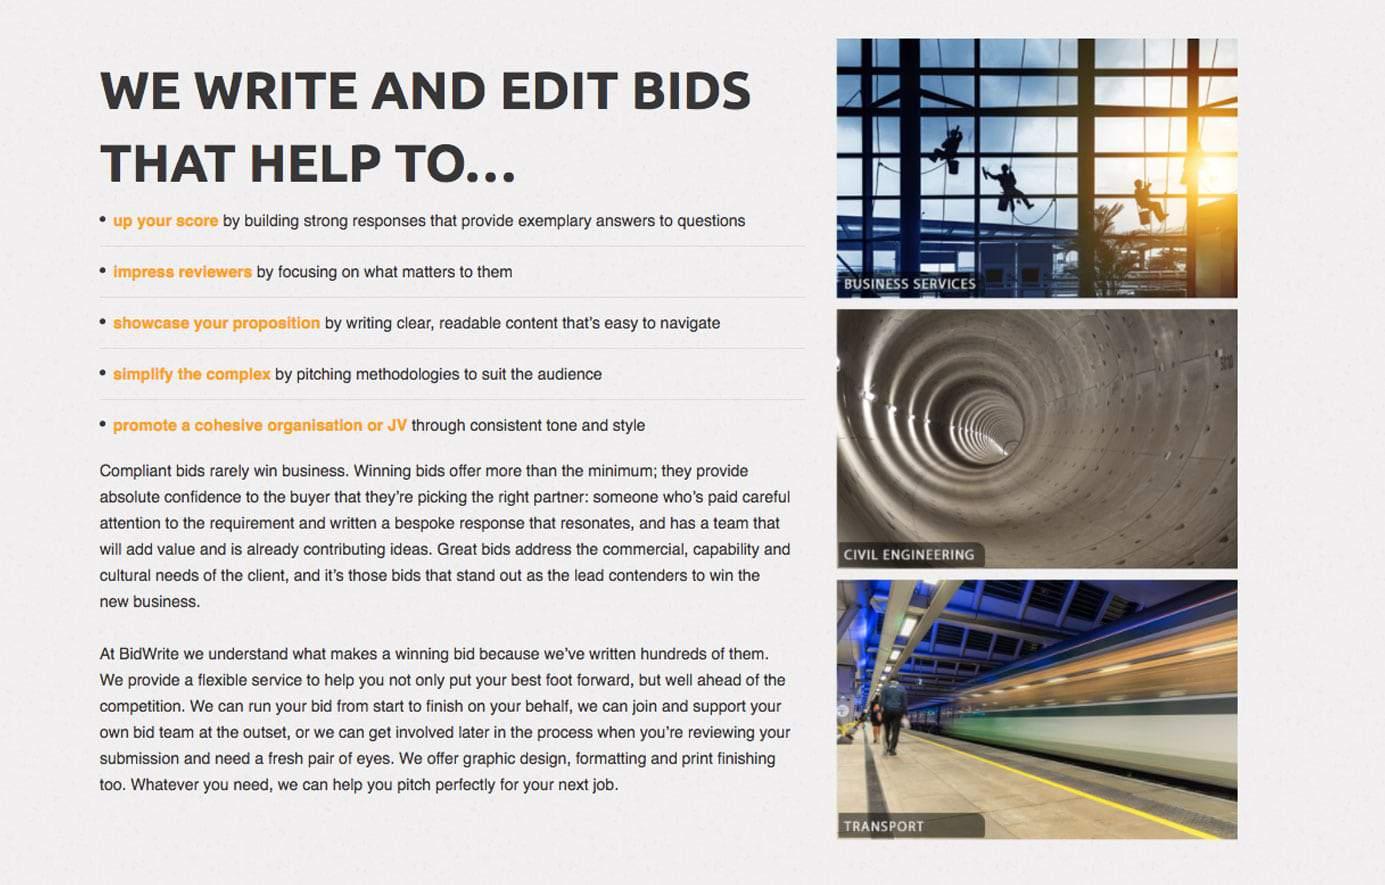 Bidwrite web design page